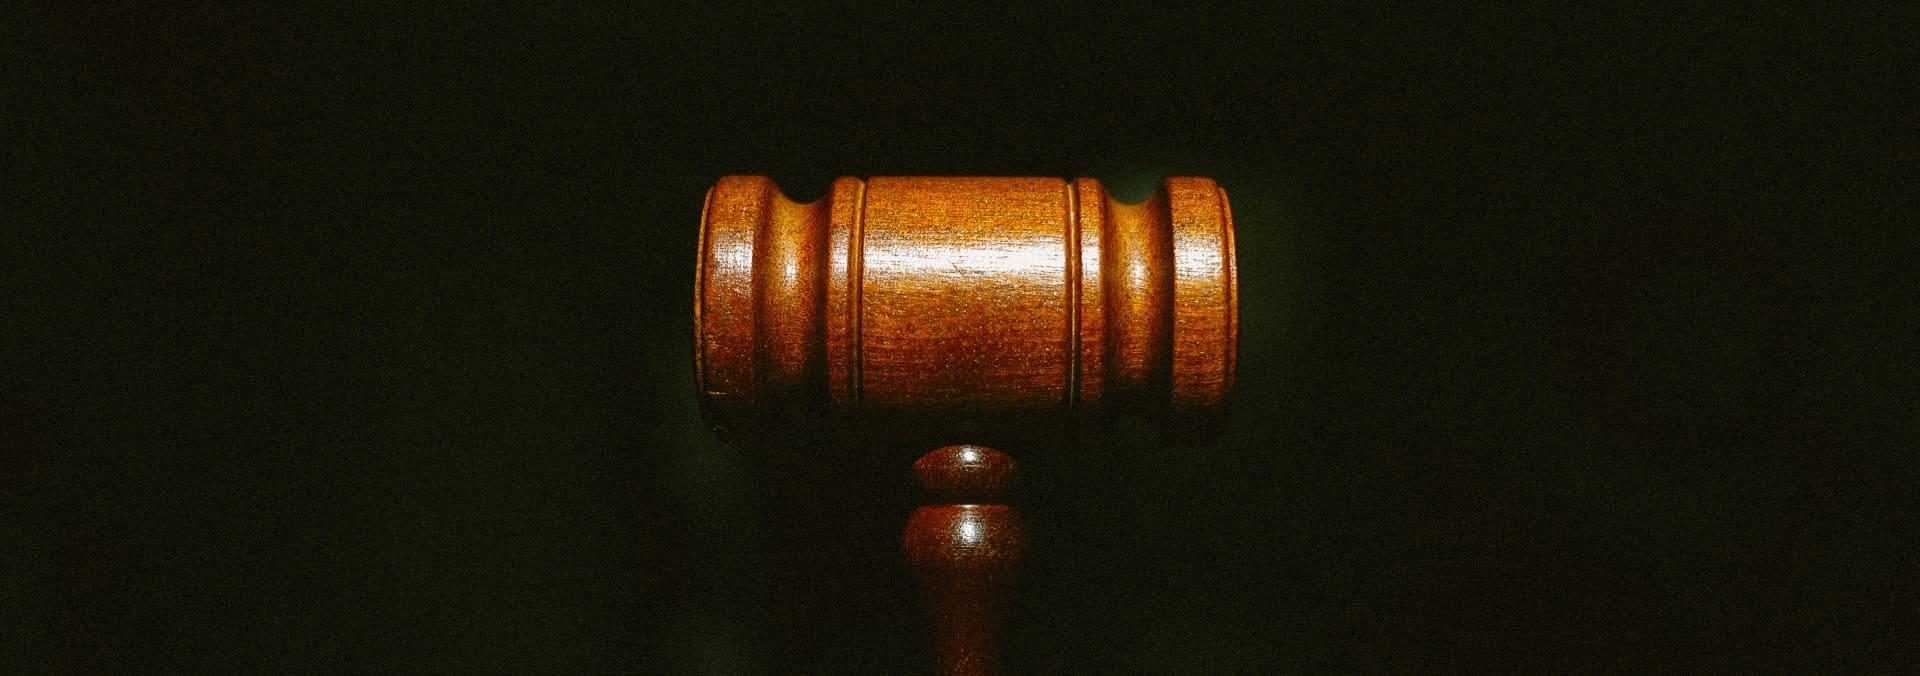 Arbeitszeugnis prüfen & korrigieren München - Anwalt Althoff